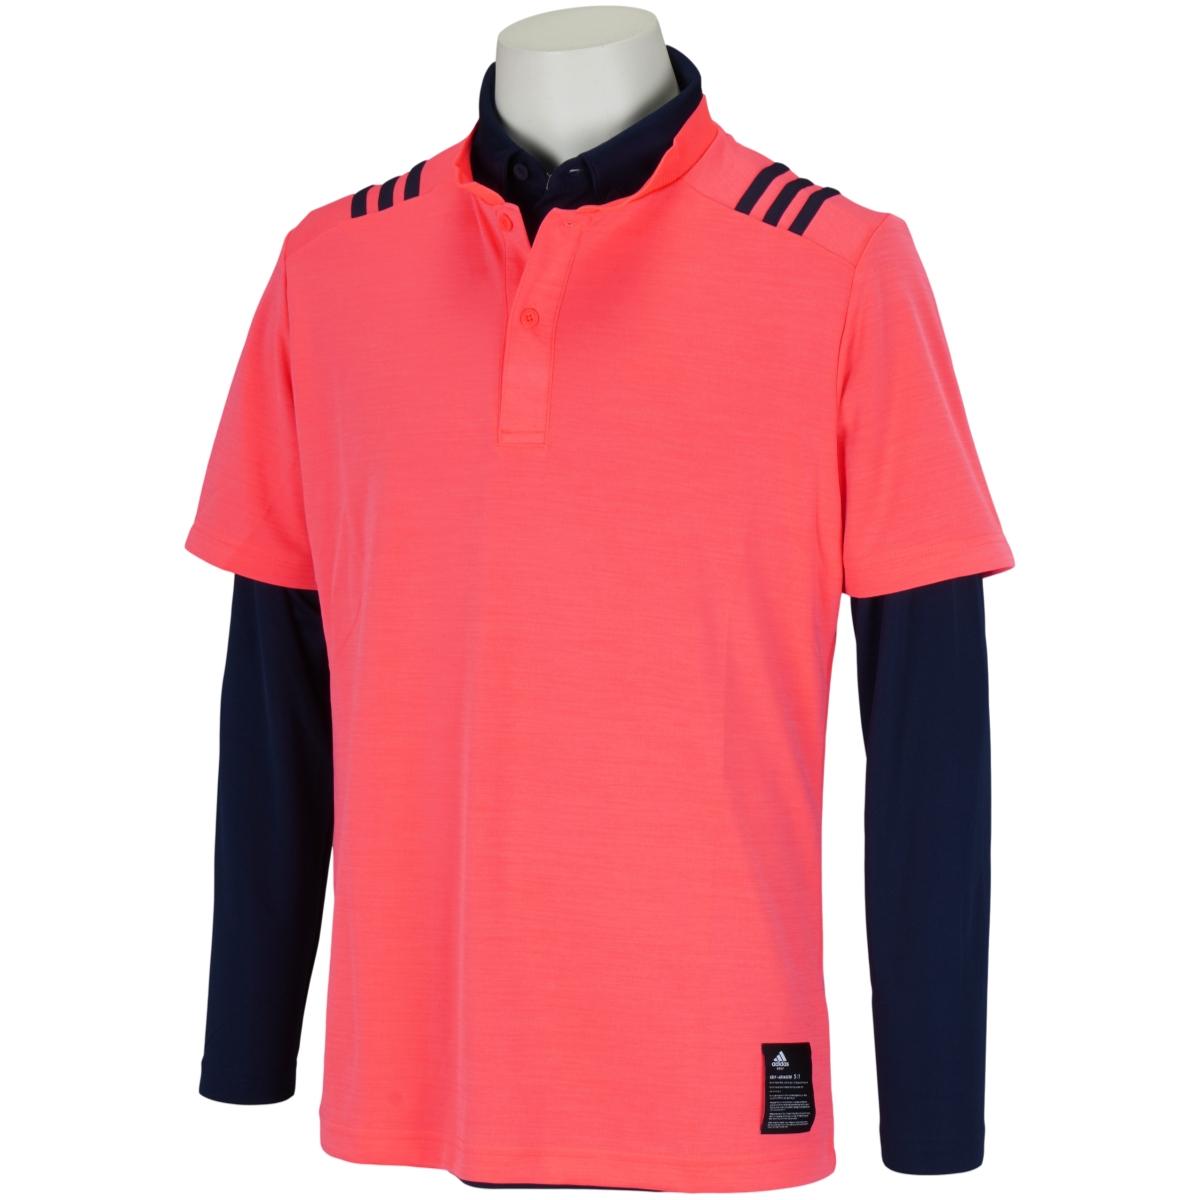 スリーストライプス レイヤードストレッチ半袖スタンドカラーシャツ